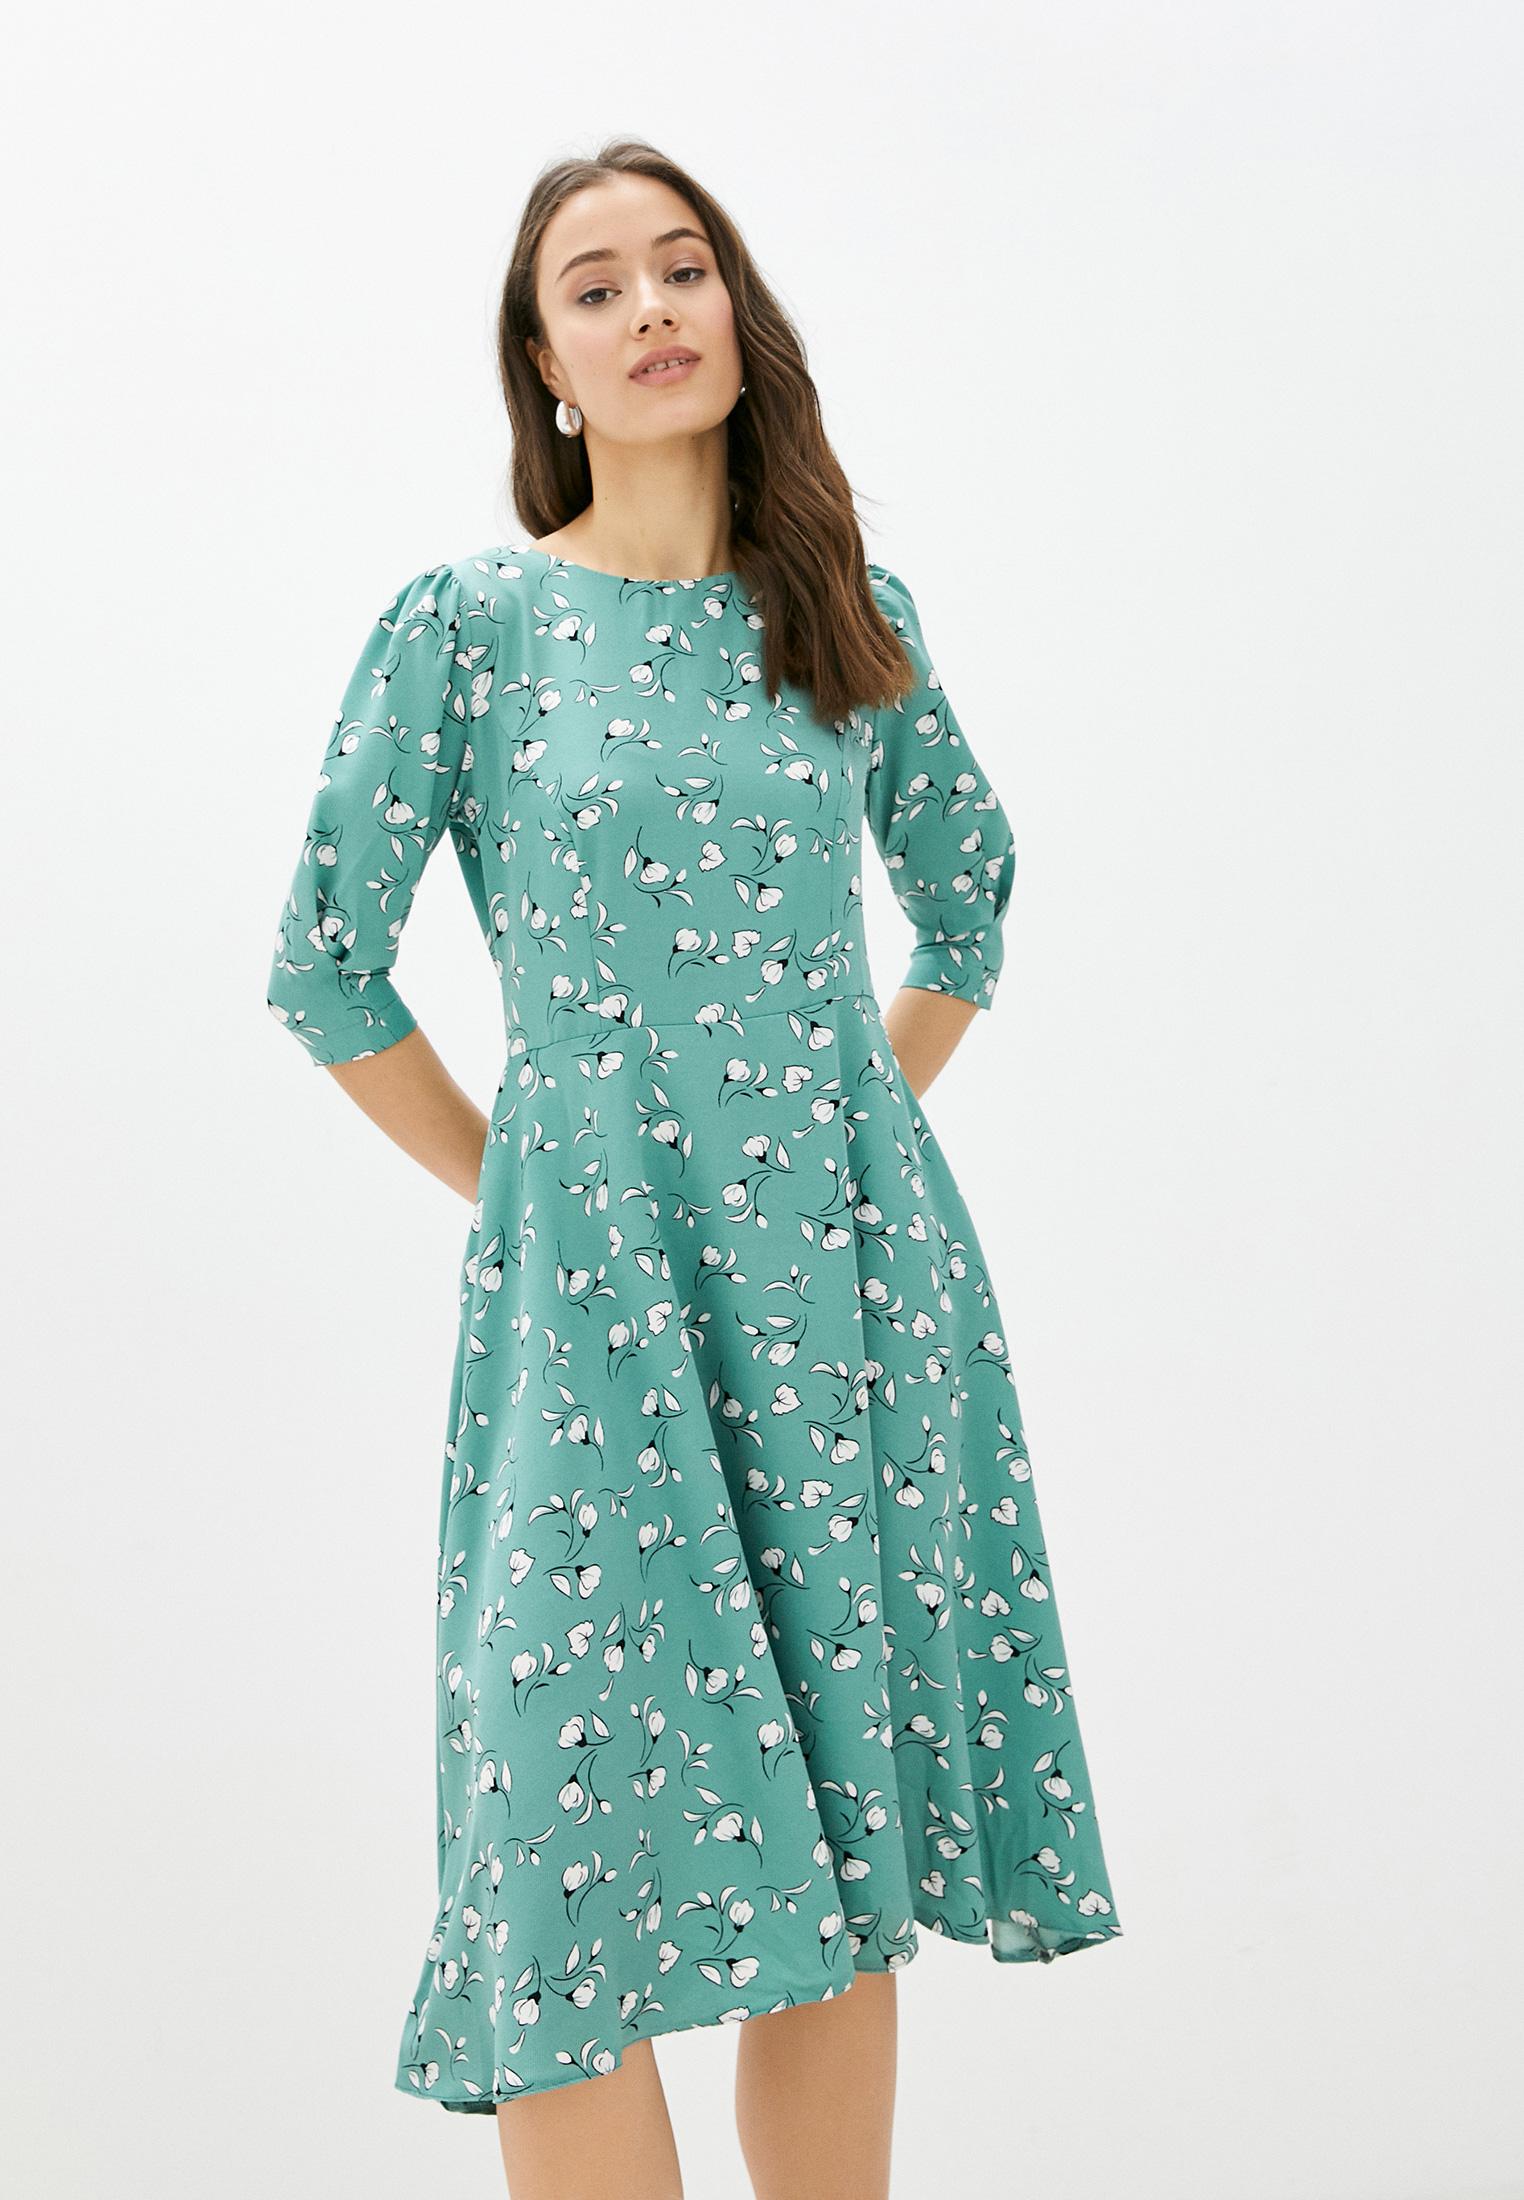 Повседневное платье Toku Tino TT8513023k/